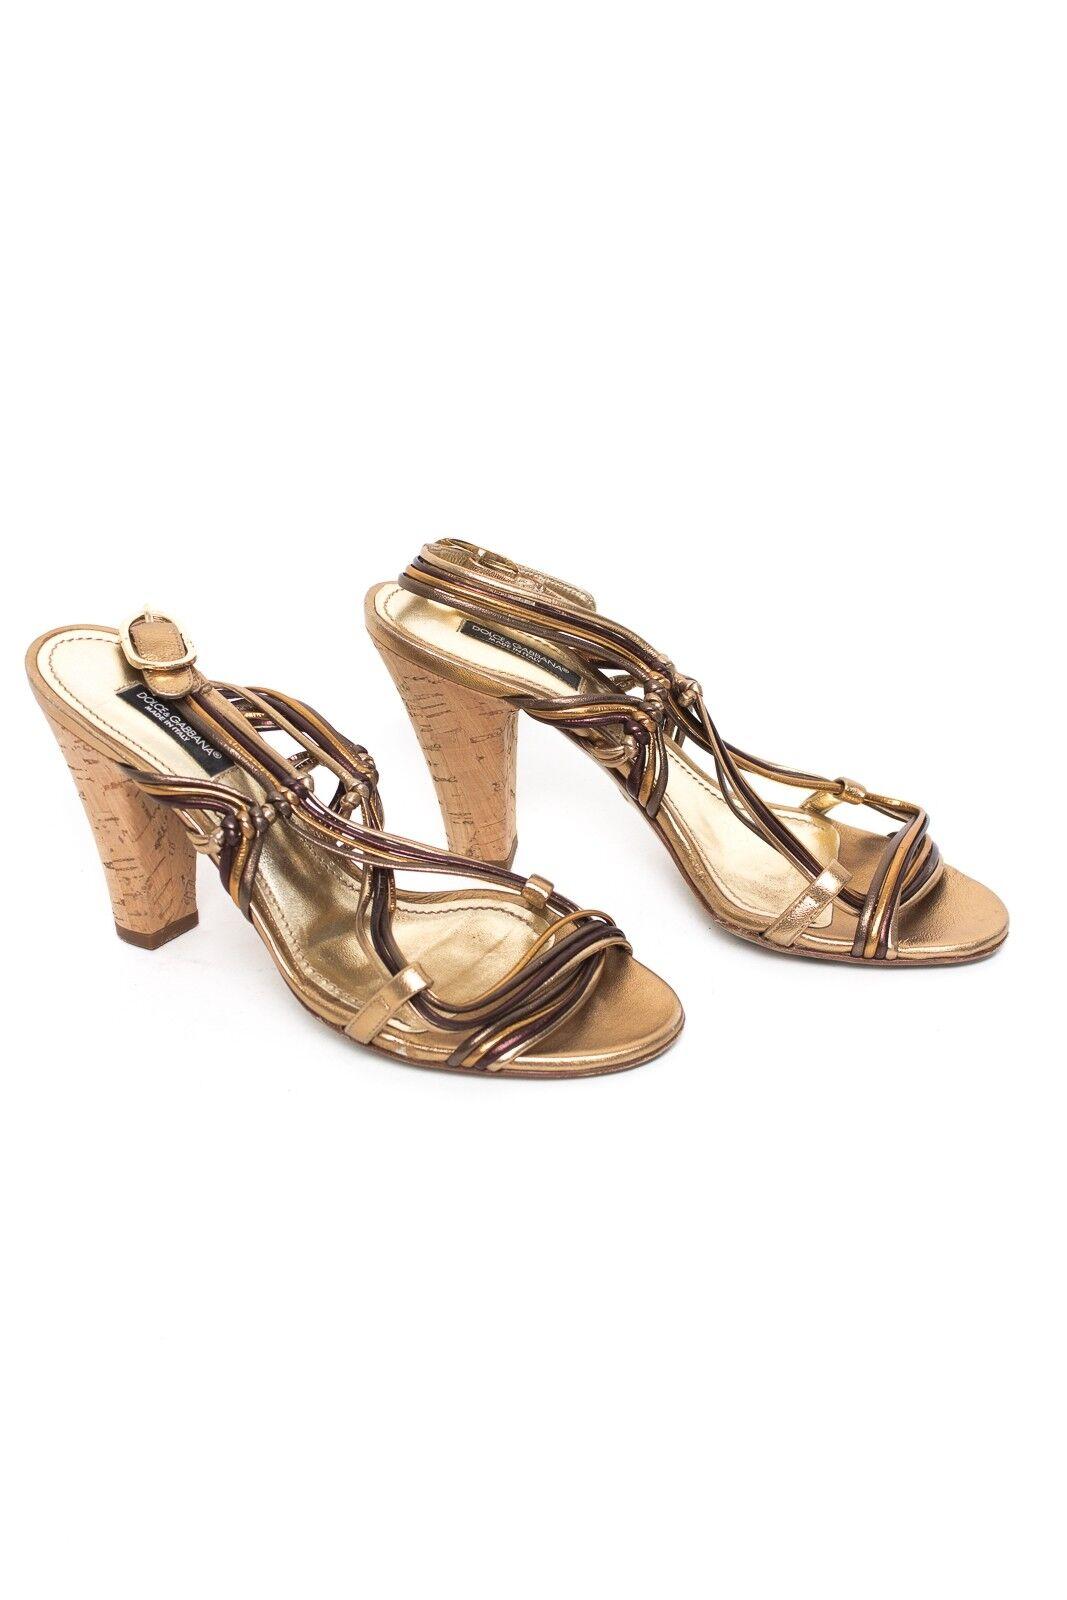 36 Gabbana Dolce Sandali Donna 5 Da Scarpe Taglia Eu OXvFq